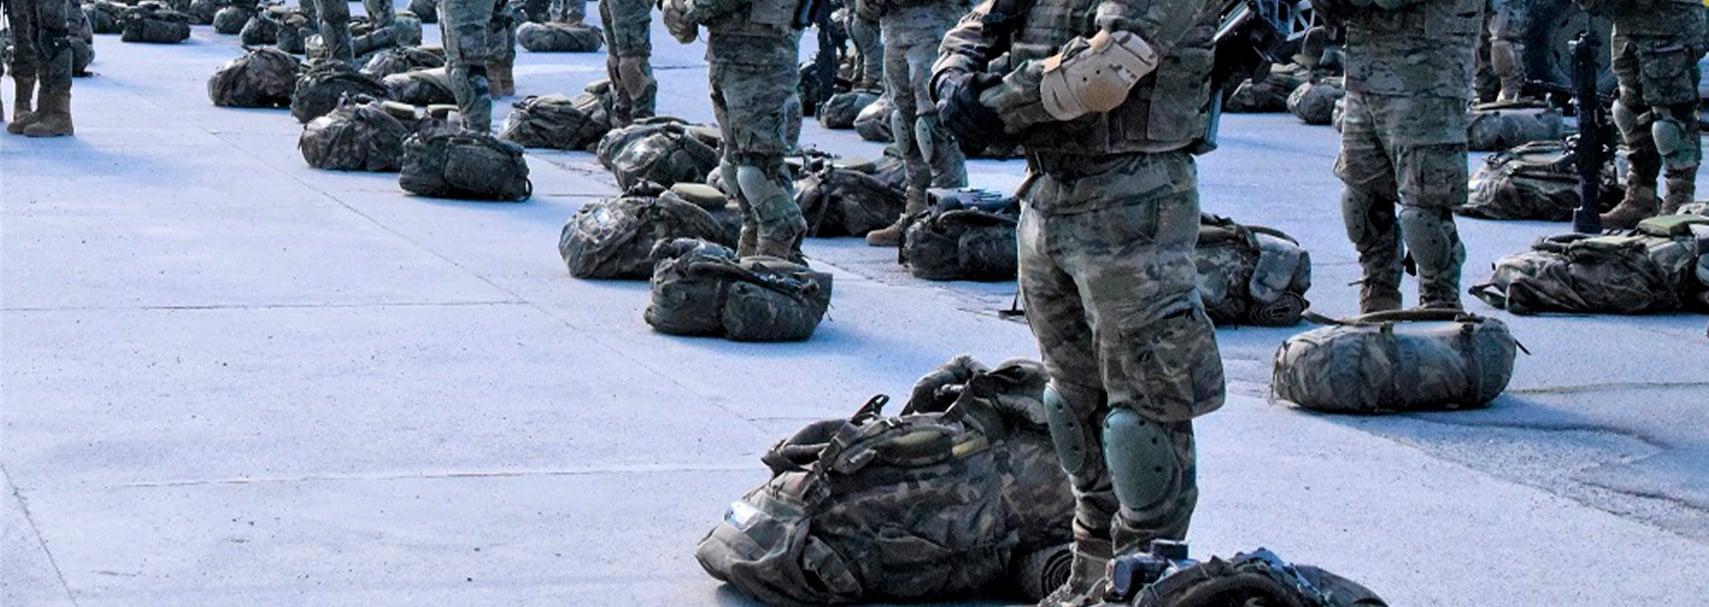 pension-militar-por-inutilidad-para-el-servicio